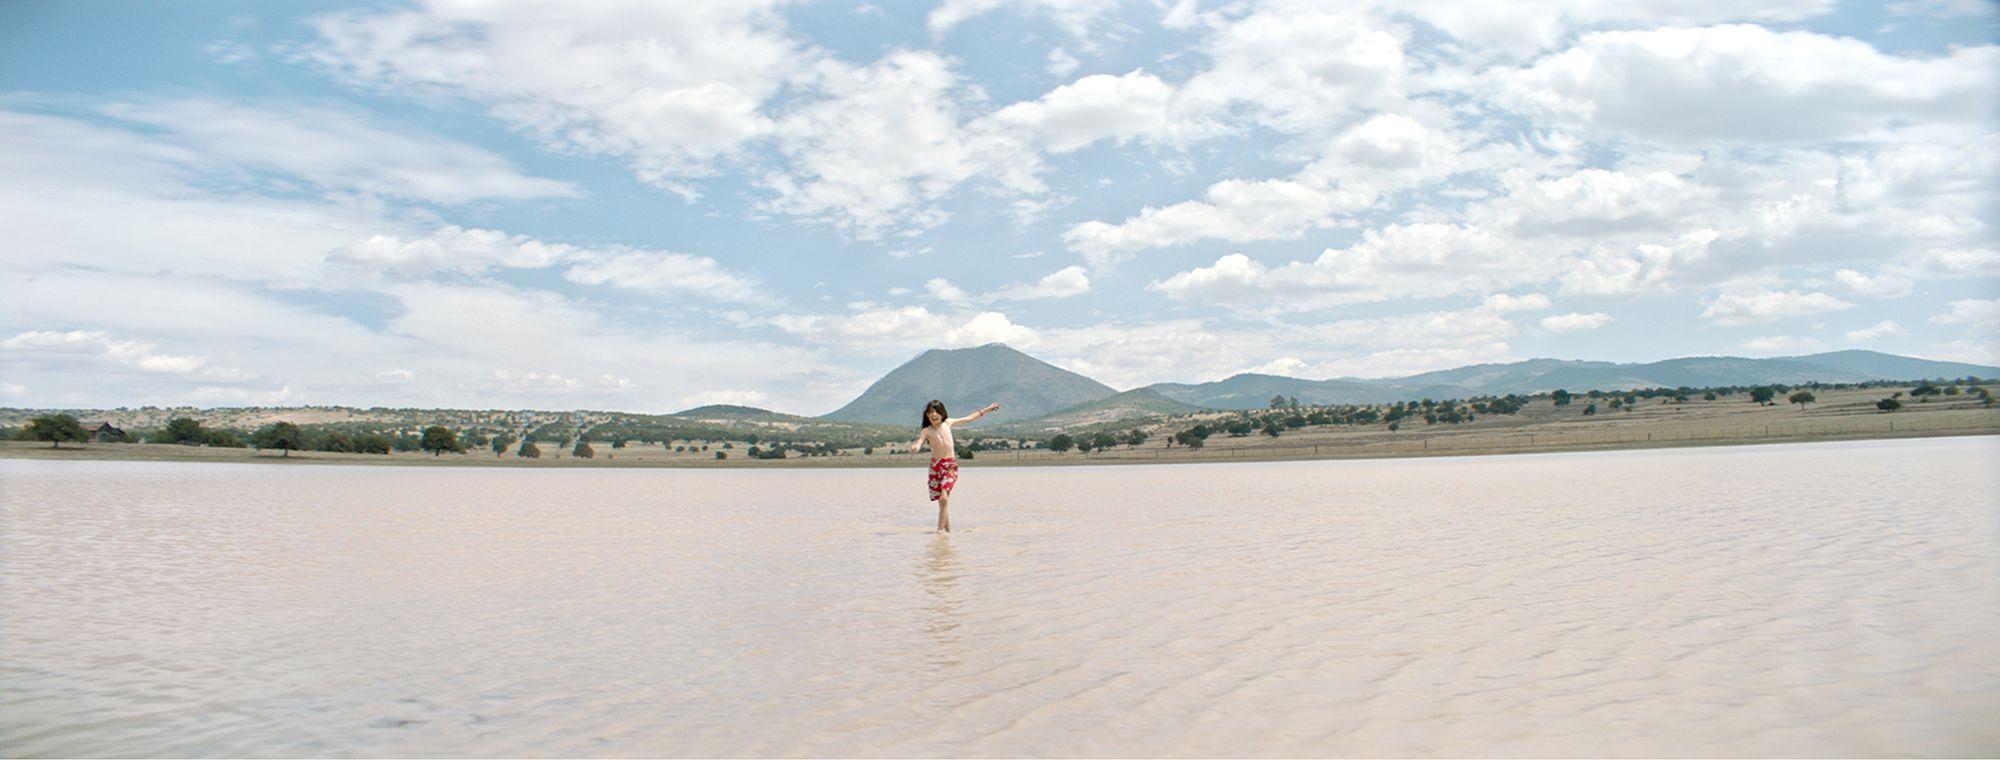 'Nuestro tiempo', Carlos Reygadas en el ejercicio más difícil y personal de su filmografía